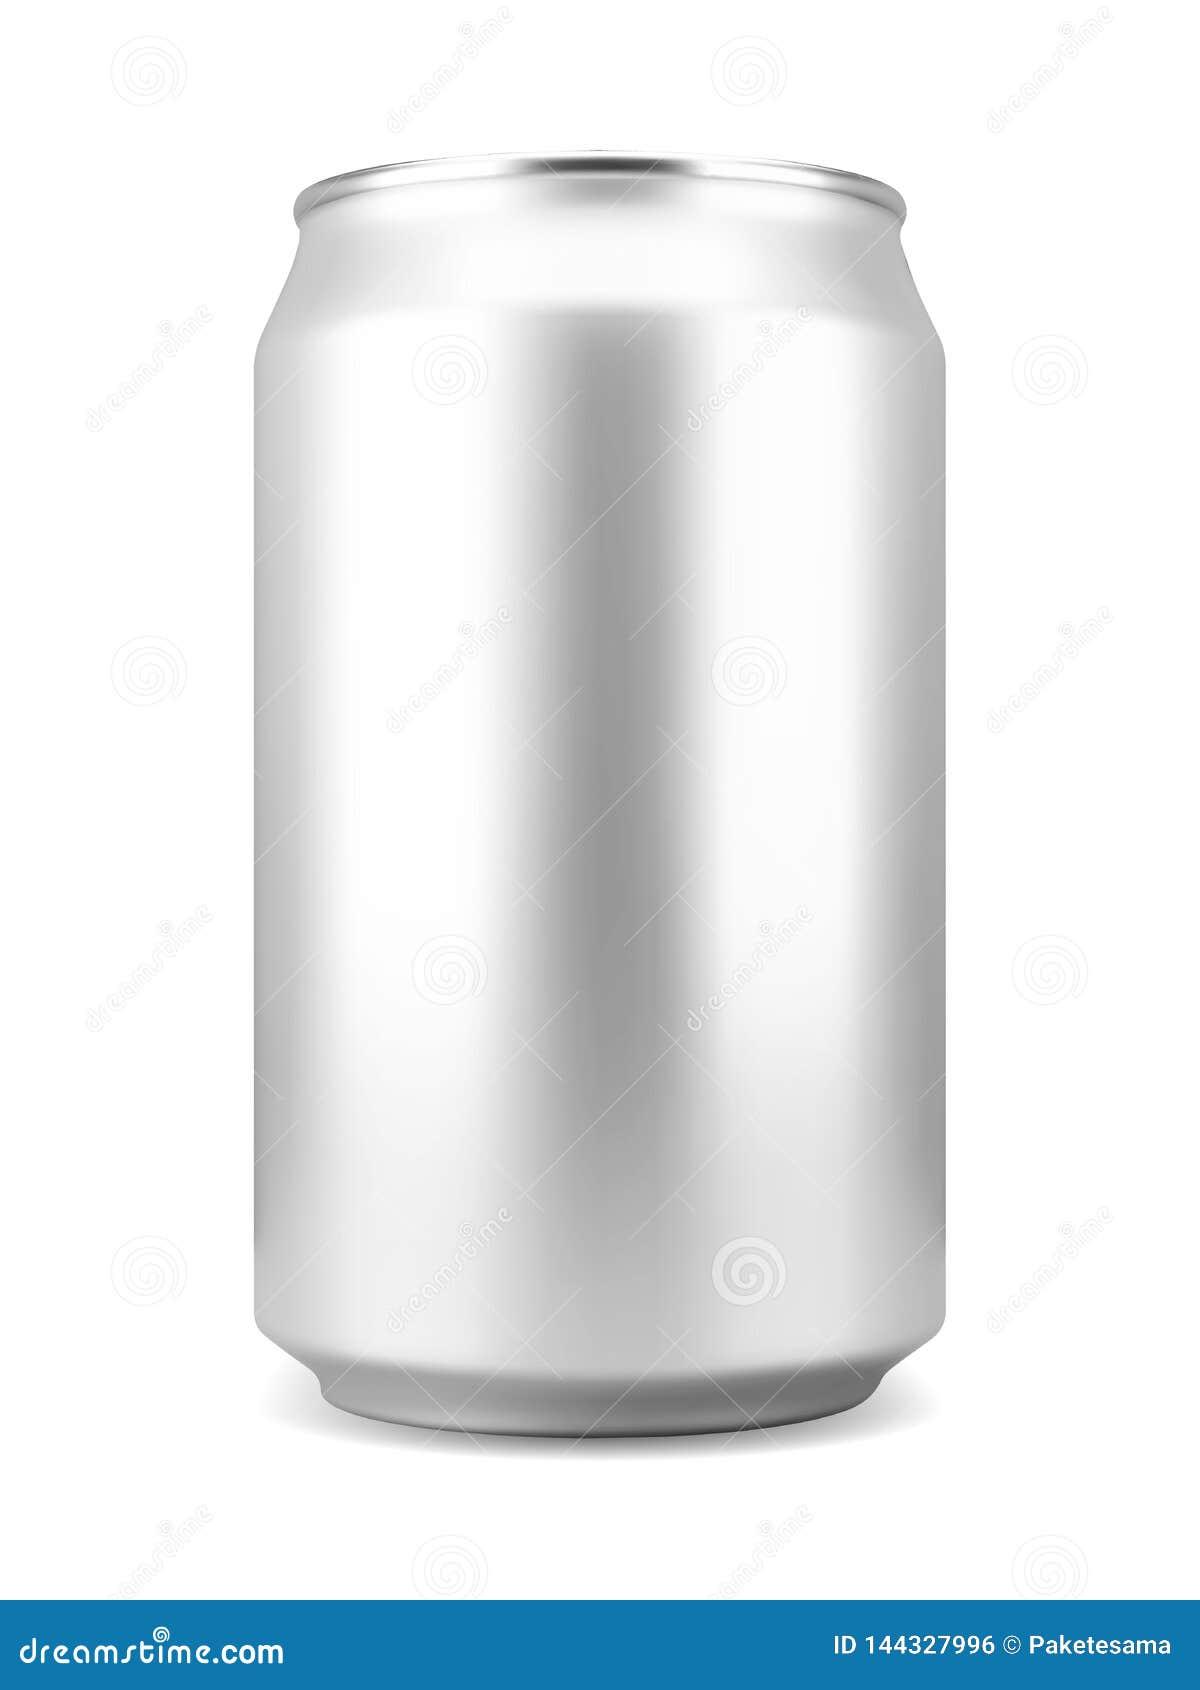 Boisson non alcoolisée ou canette de bière en aluminium réaliste